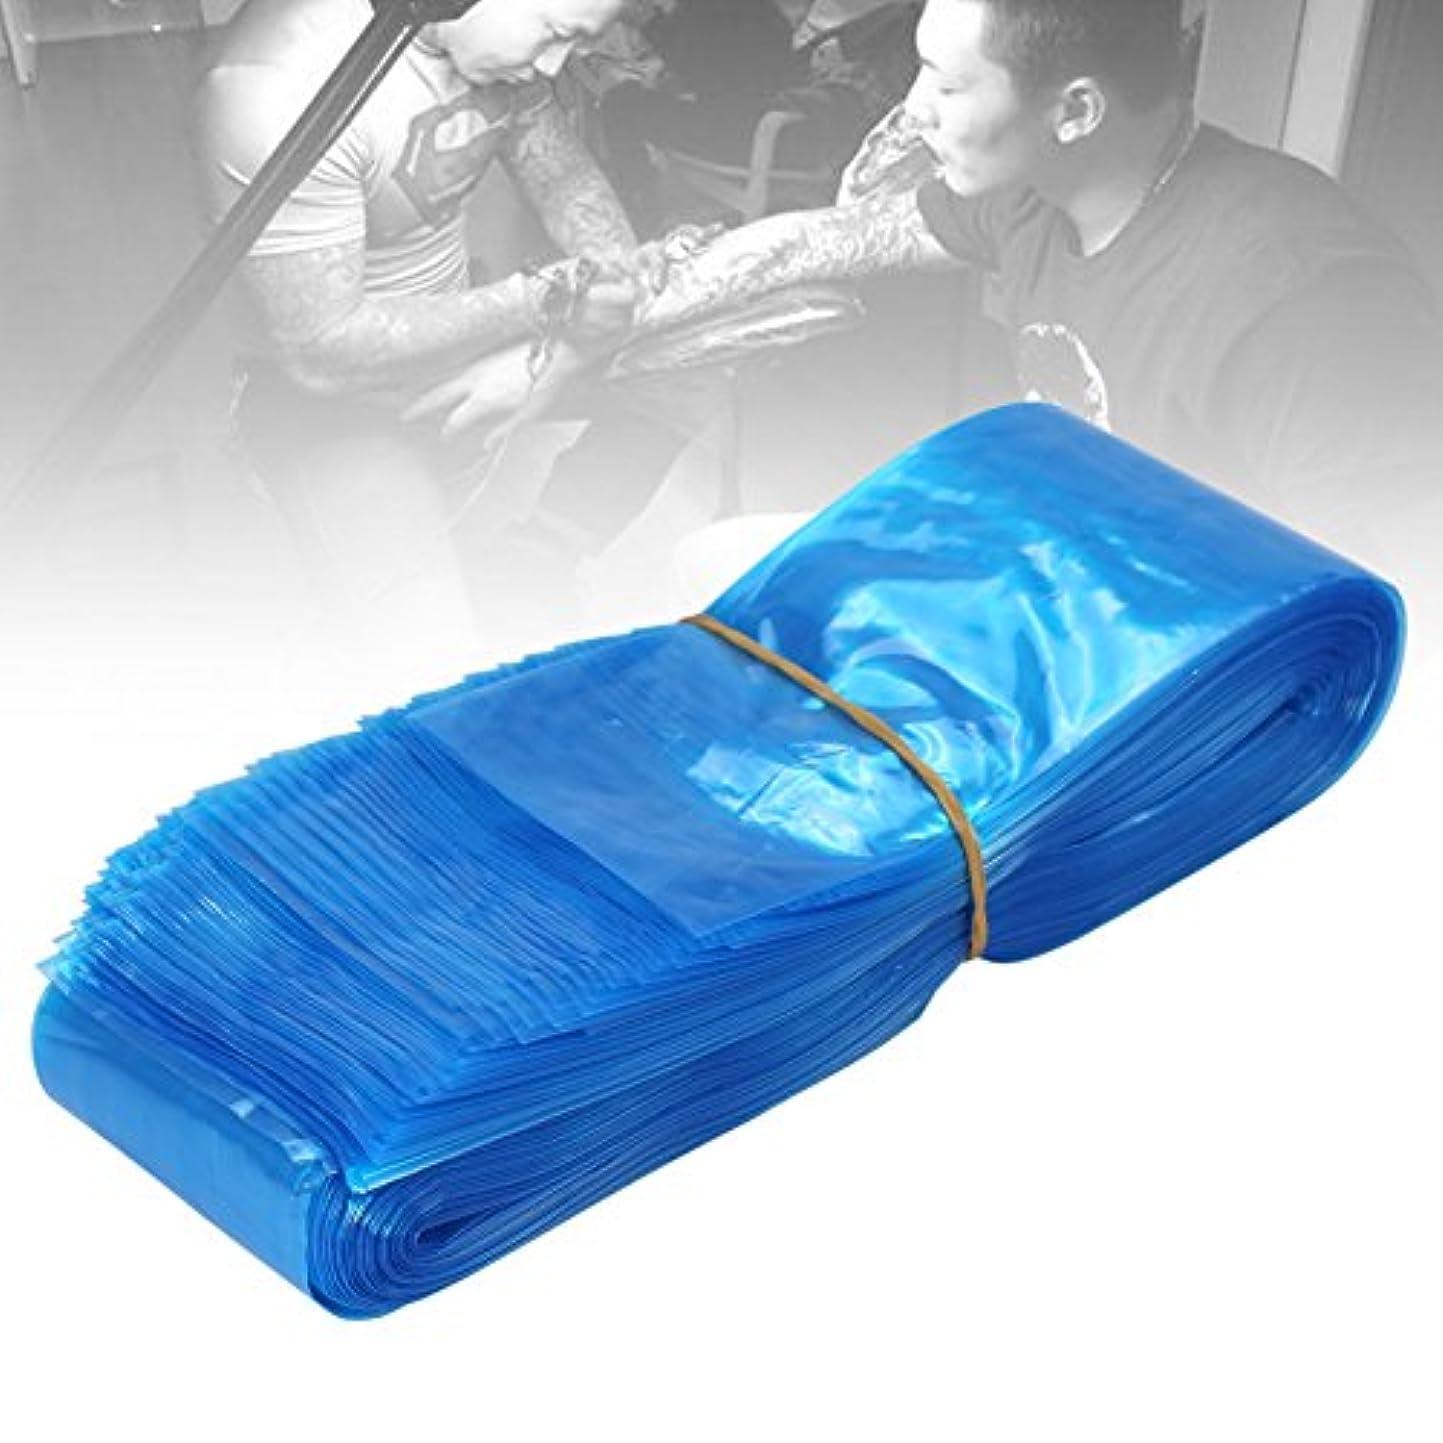 相続人予備賠償100ピース使い捨てプラスチックブルー医療衛生タトゥーマシンクリップコードフックスリーブカバーバッグ